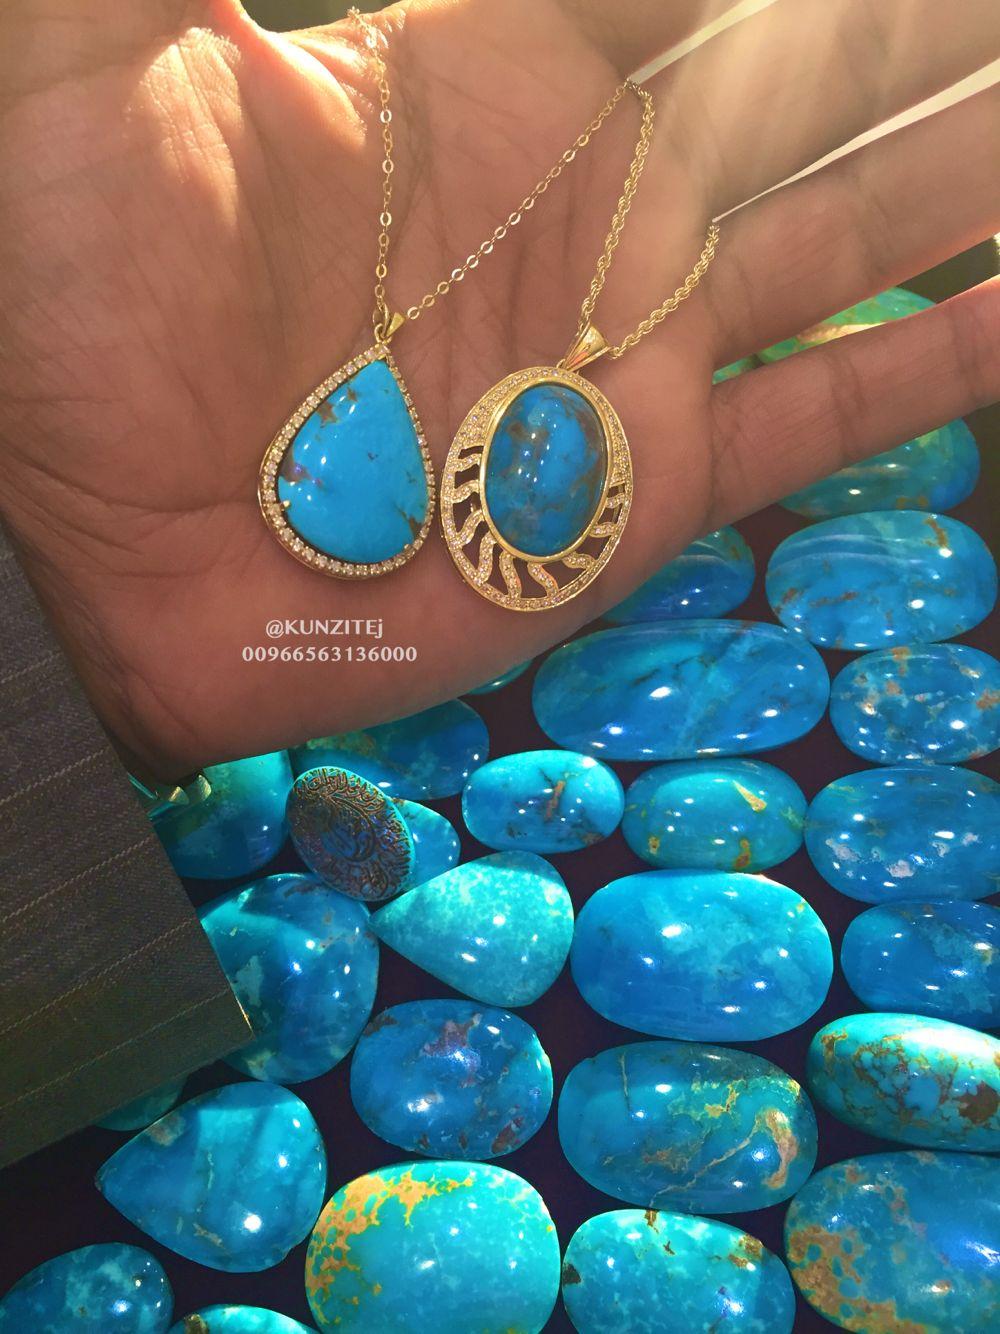 صباحكم مميز و ملفت للأنظار صباحكم فيــروزي Turquoise جمال الفيروز غير تبحر معنا وتغوص في جمال الأحجار الكريمة Fabulous Jewelry Turquoise Necklace Jewelry